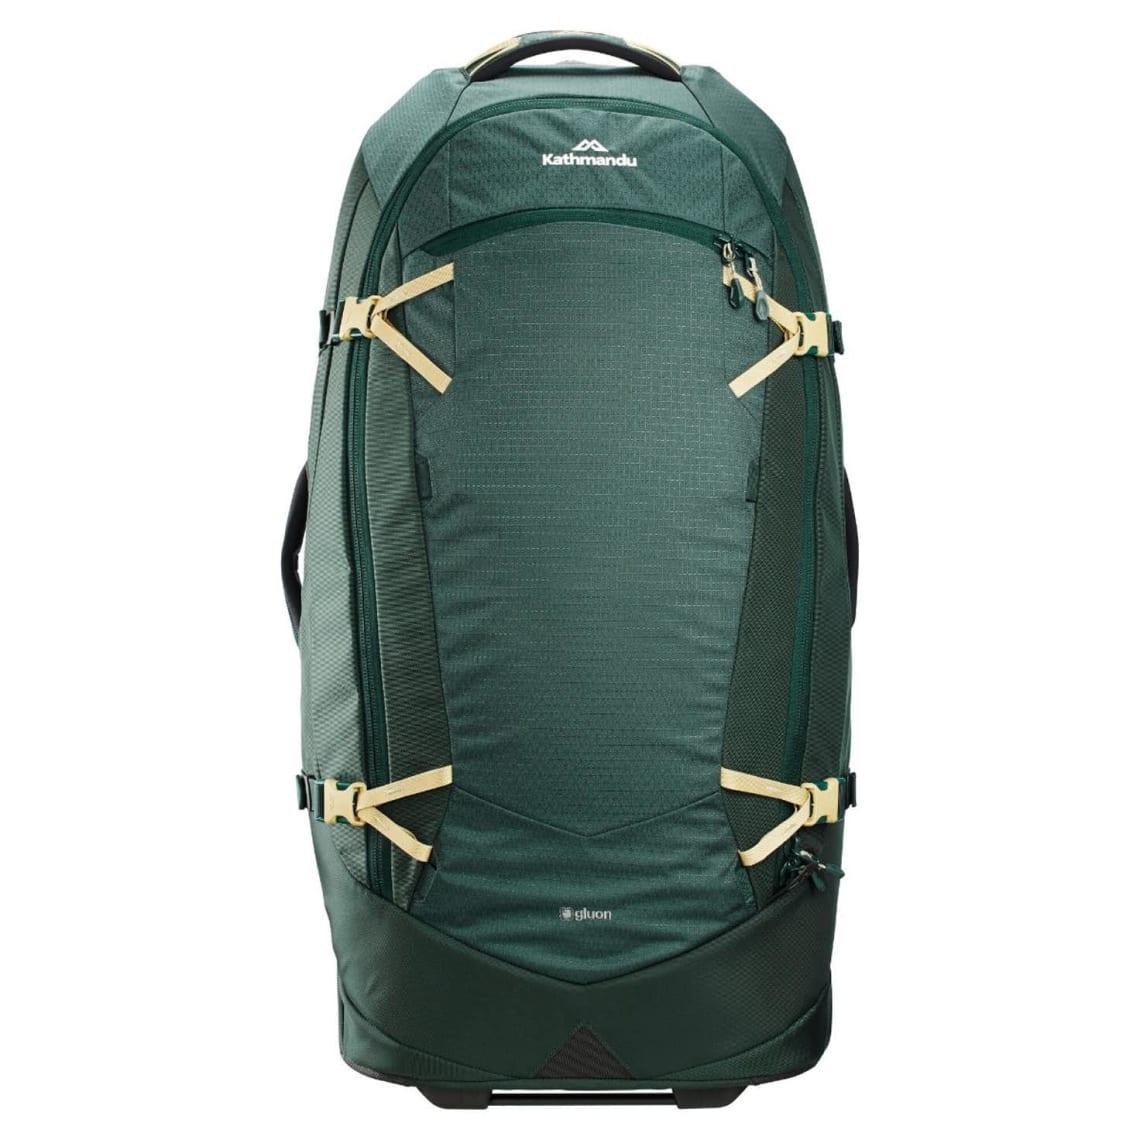 Cómo elegir una mochila de viaje - Worldpackers - mochila kathmandu con rueditas